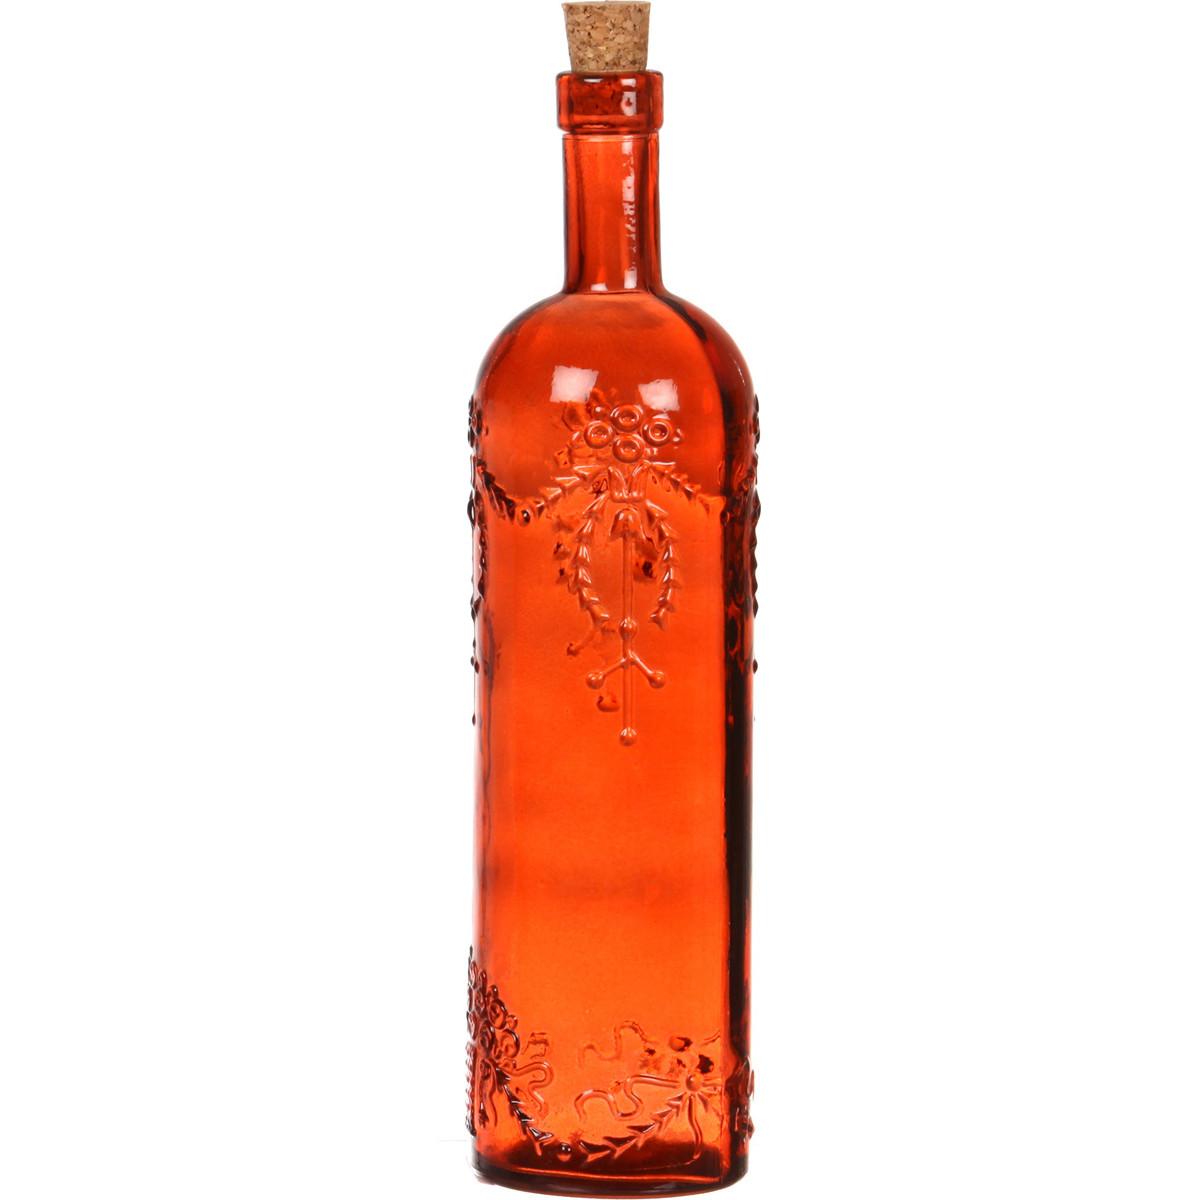 где купить {} San Miguel Бутылка Averel  (30 см) дешево